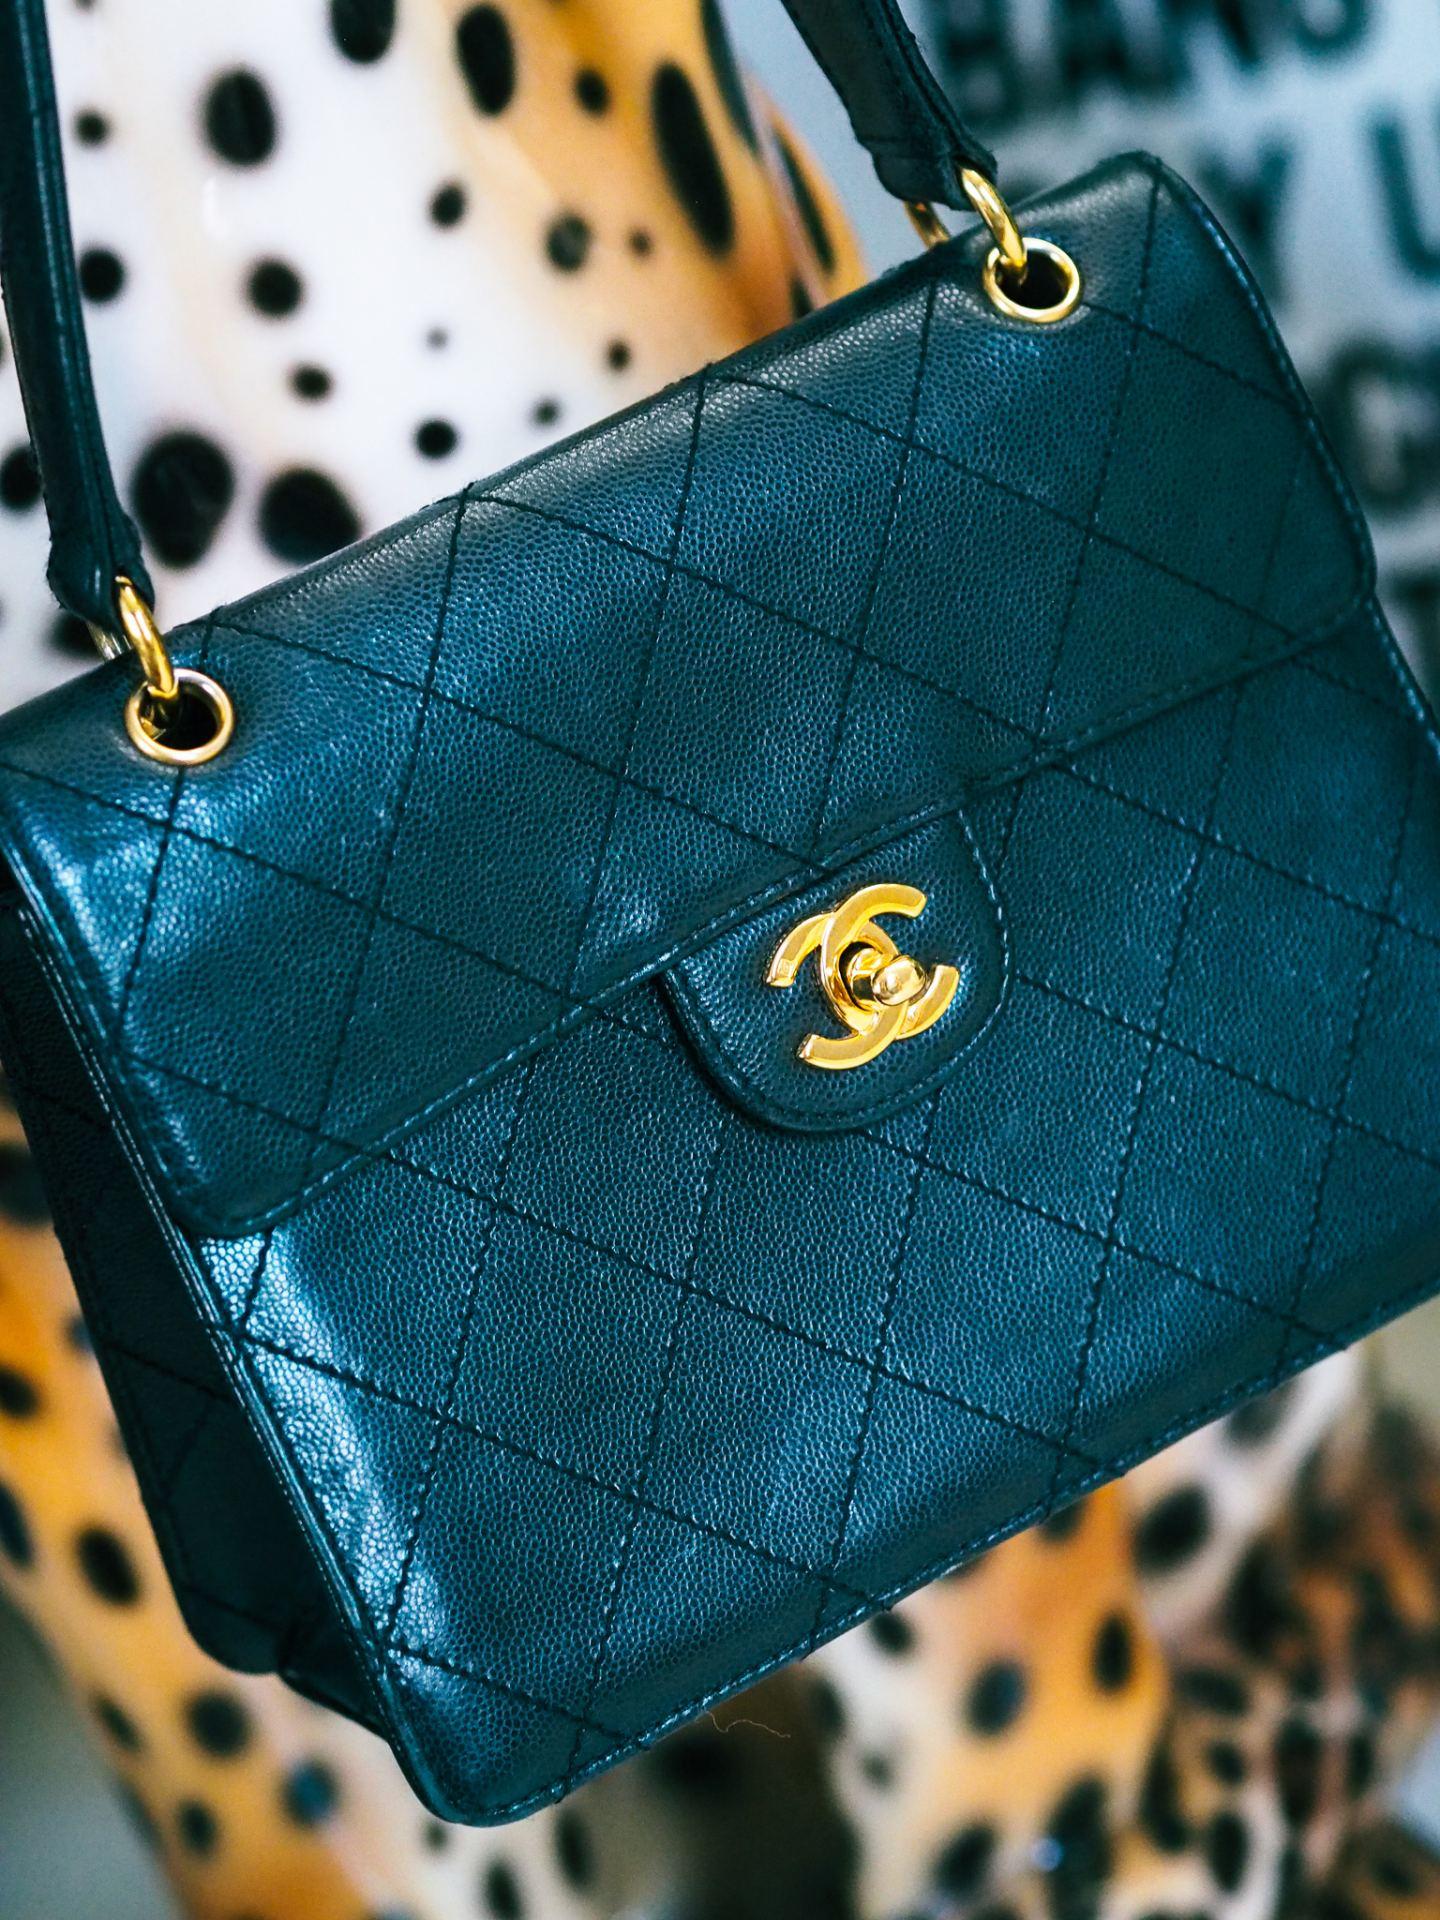 chanel 90s flap shoulder bag review. gold hardware